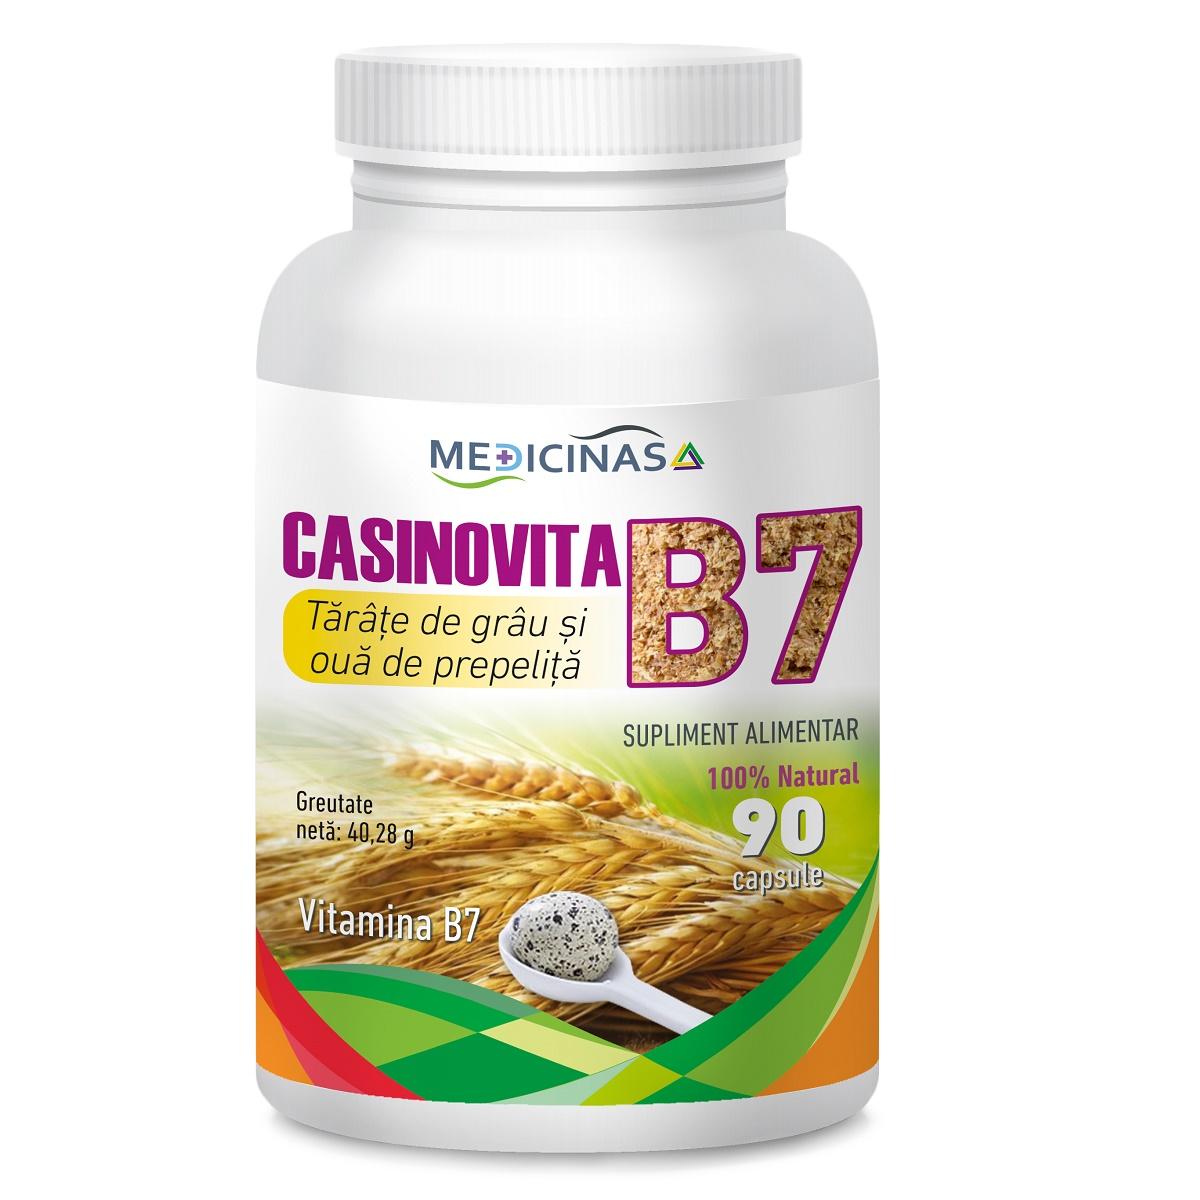 Casinovita B 7, 90 capsule, Medicinas